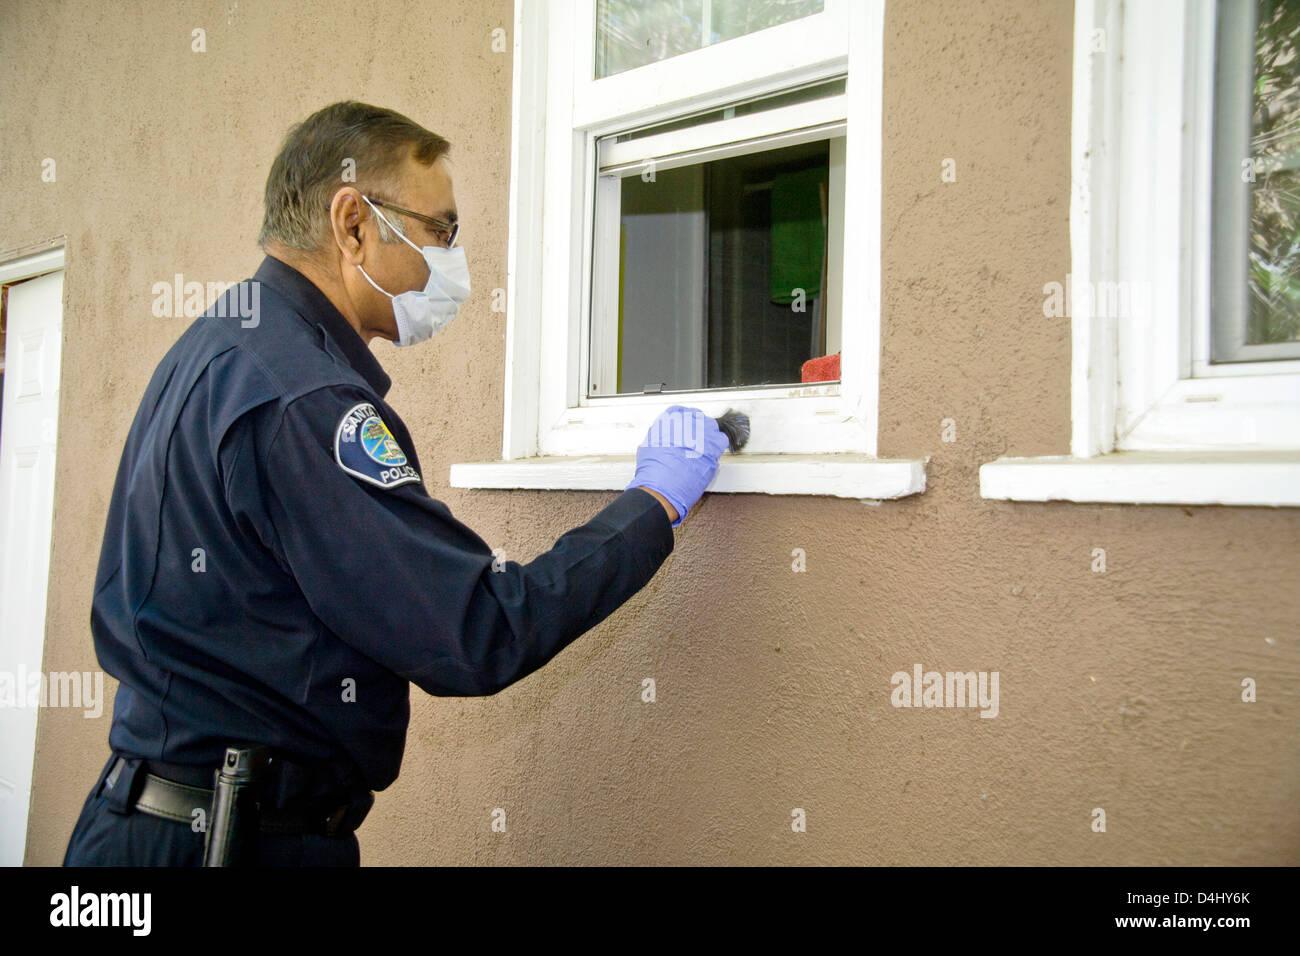 eine Pakistani-amerikanische Polizei Kriminalität Ermittler gilt Fingerabdruck Staub auf der Fensterbank eines Stockbild